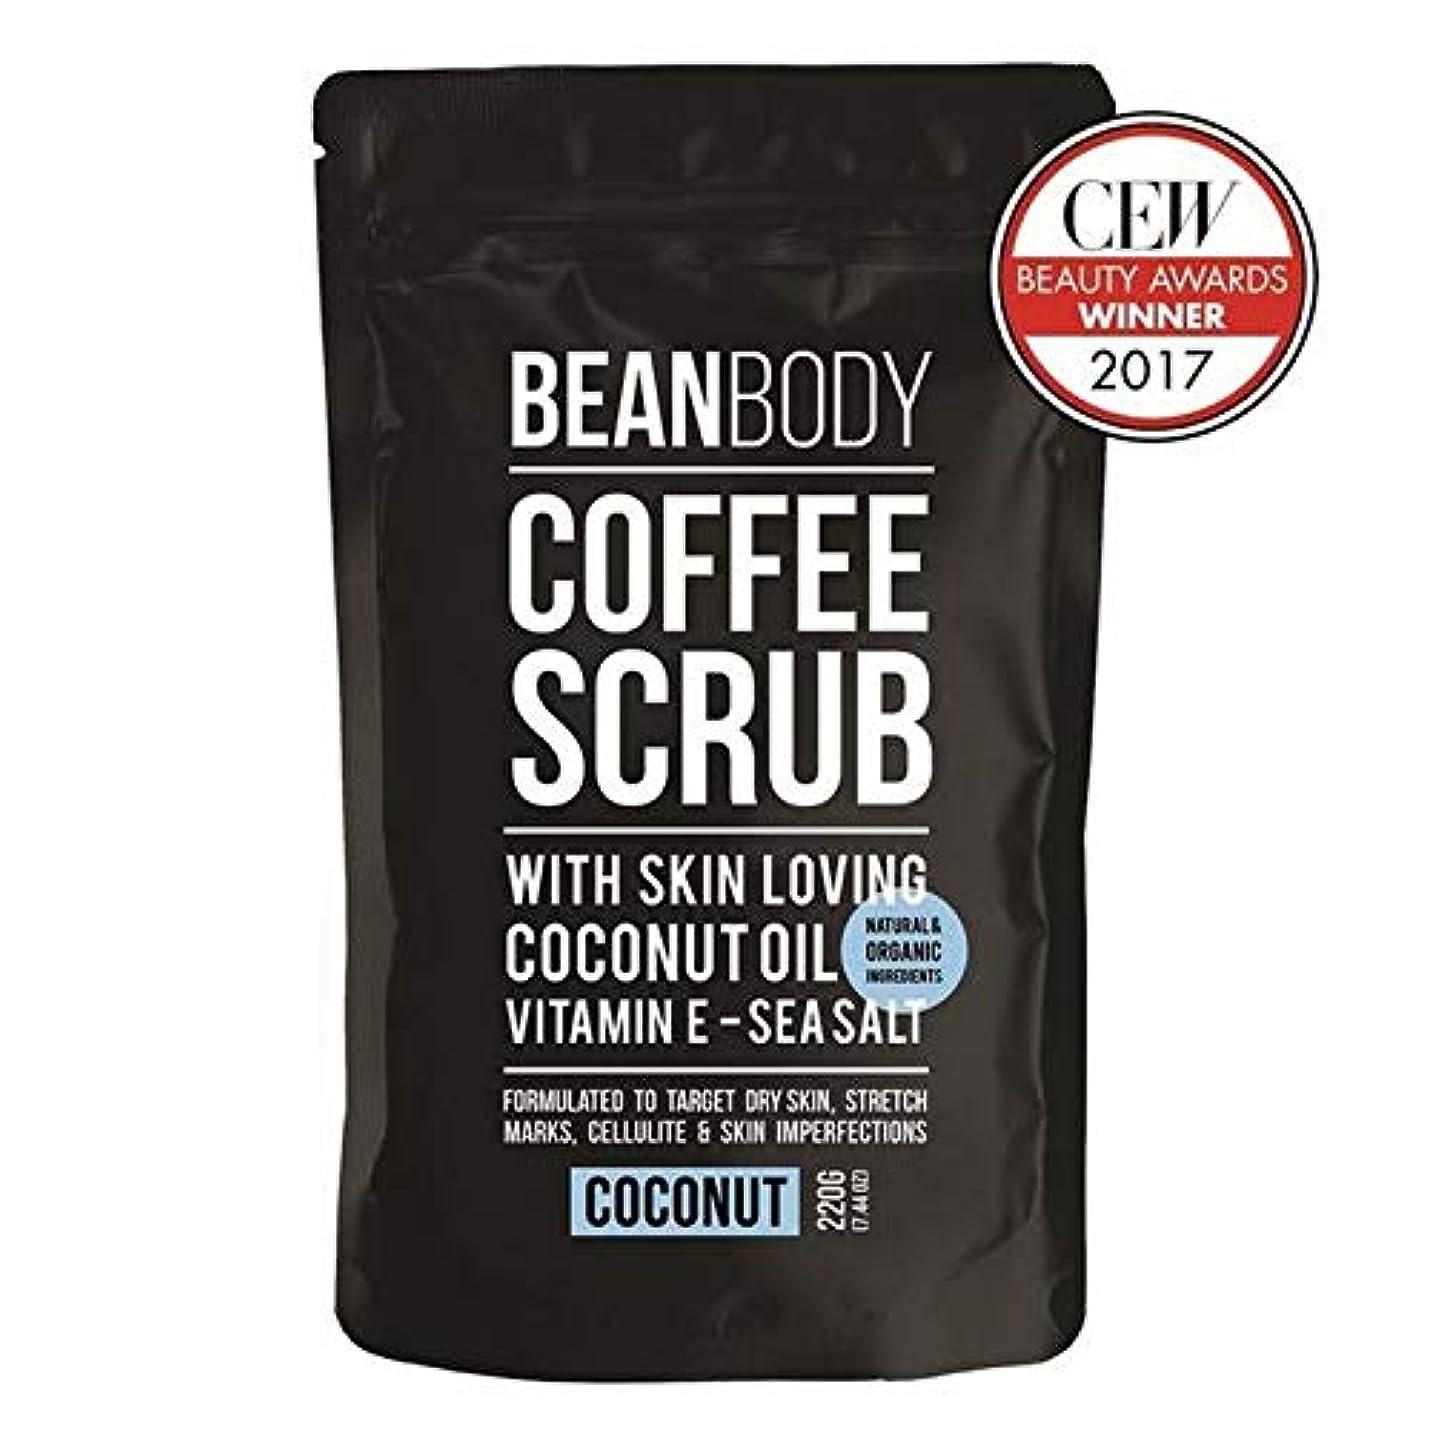 適度に鳴らす頭痛[Bean Body ] 豆のボディコーヒースクラブ、ココナッツ220グラム - Bean Body Coffee Scrub, Coconut 220g [並行輸入品]